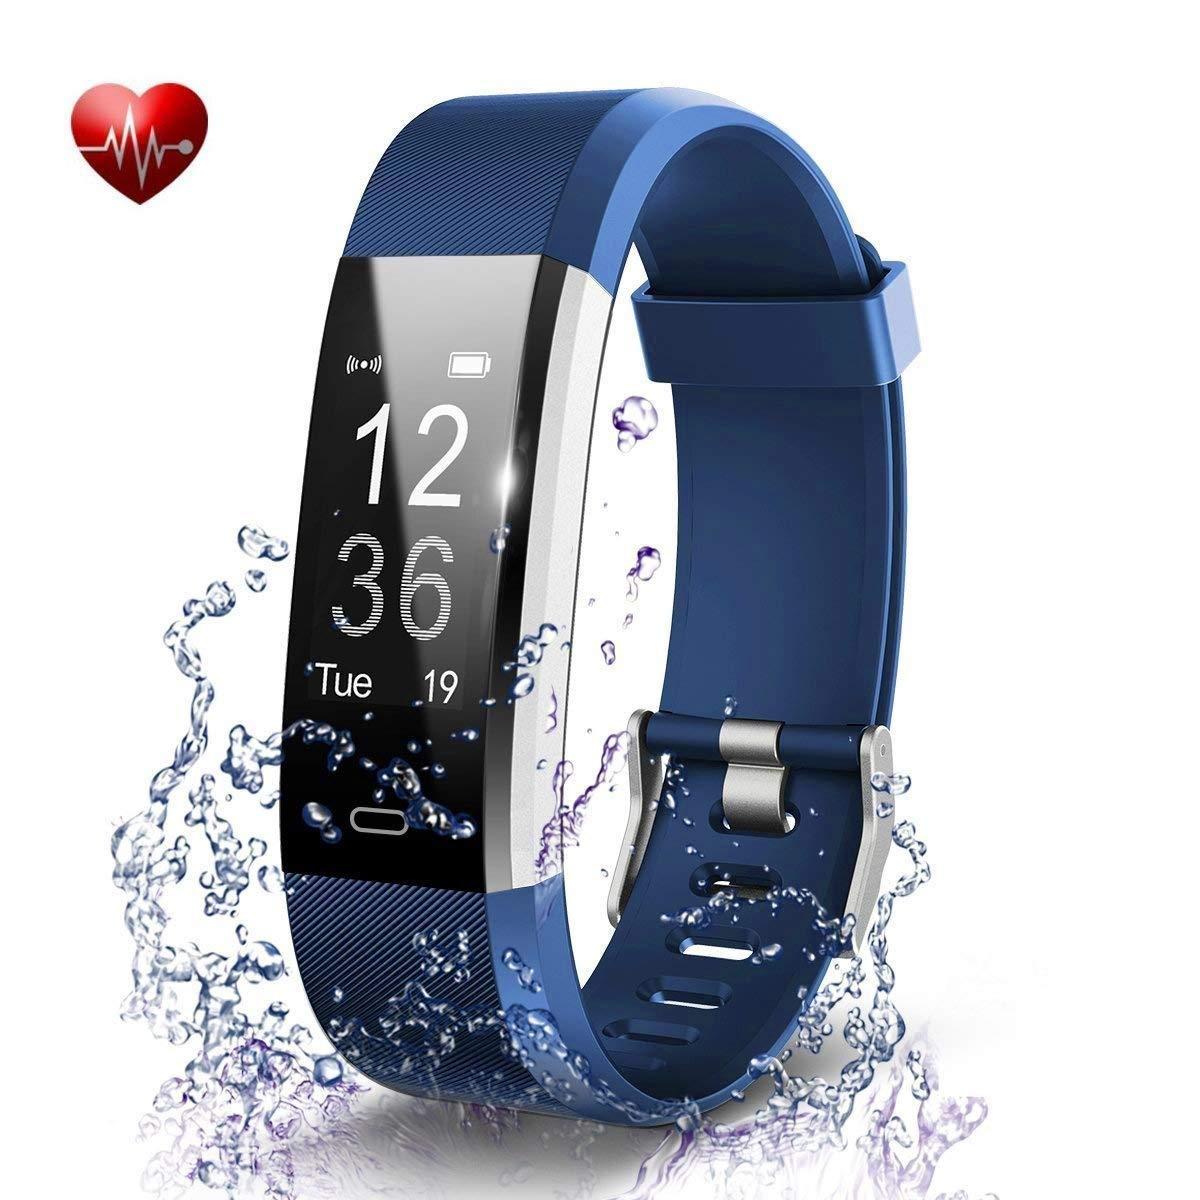 Antimi Fitness Armband, Wasserdicht IP67 Fitness Tracker, Pulsuhren, Schrittzä hler, Kamerasteuerung, Vibrationsalarm Anruf SMS Whatsapp Beachten kompatibel mit iPhone Android Handy Schwarz